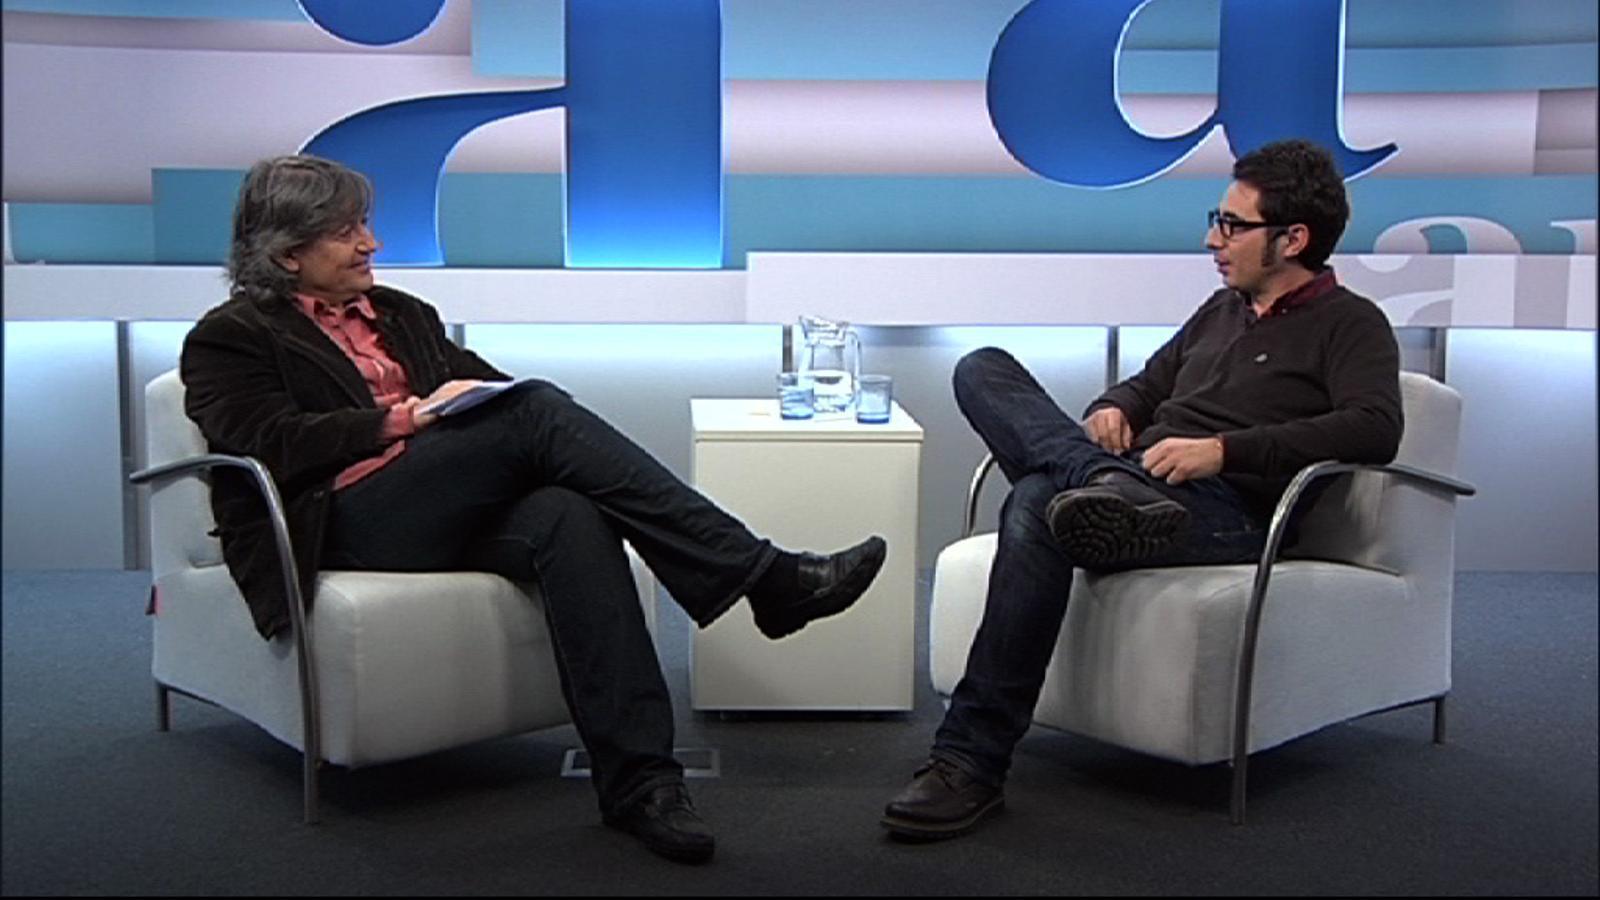 Berto Romero: Els comediants que es posen seriosos em fan molta ràbia